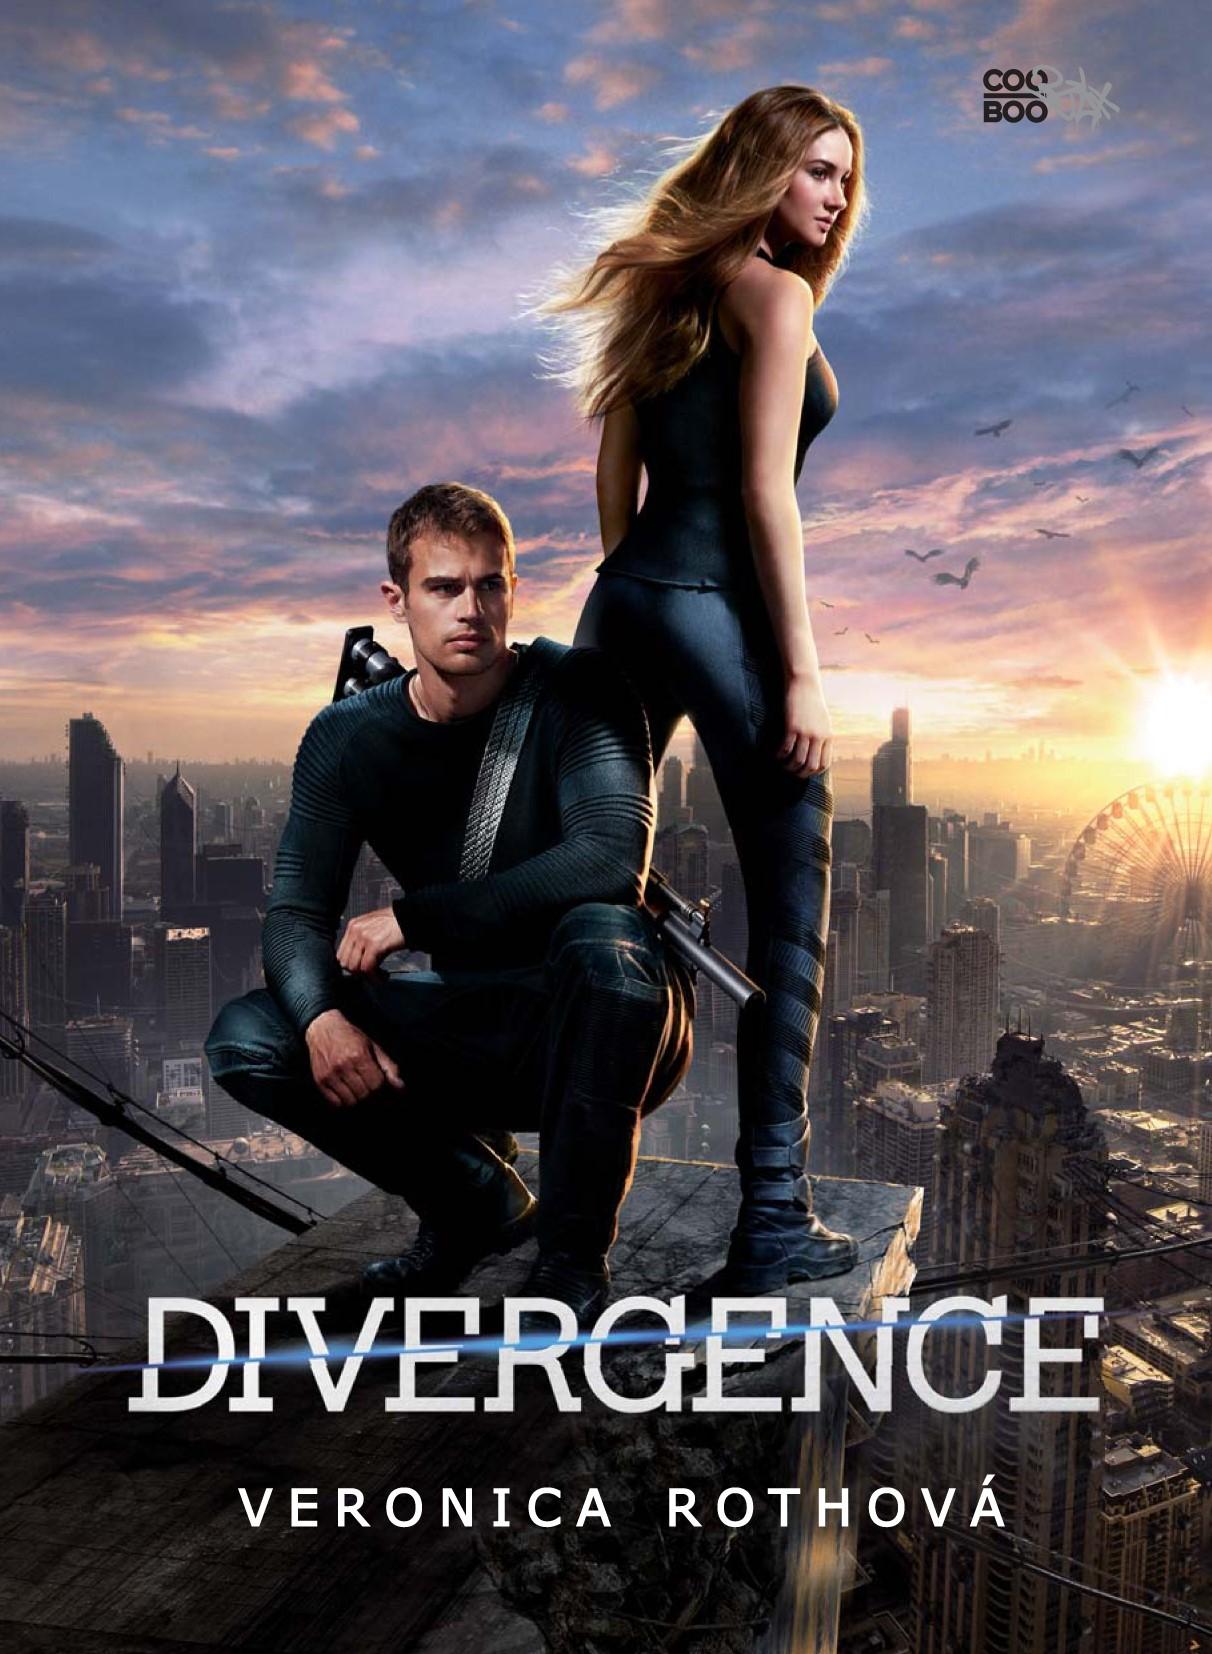 Divergence - filmové vydání | Veronica Rothová